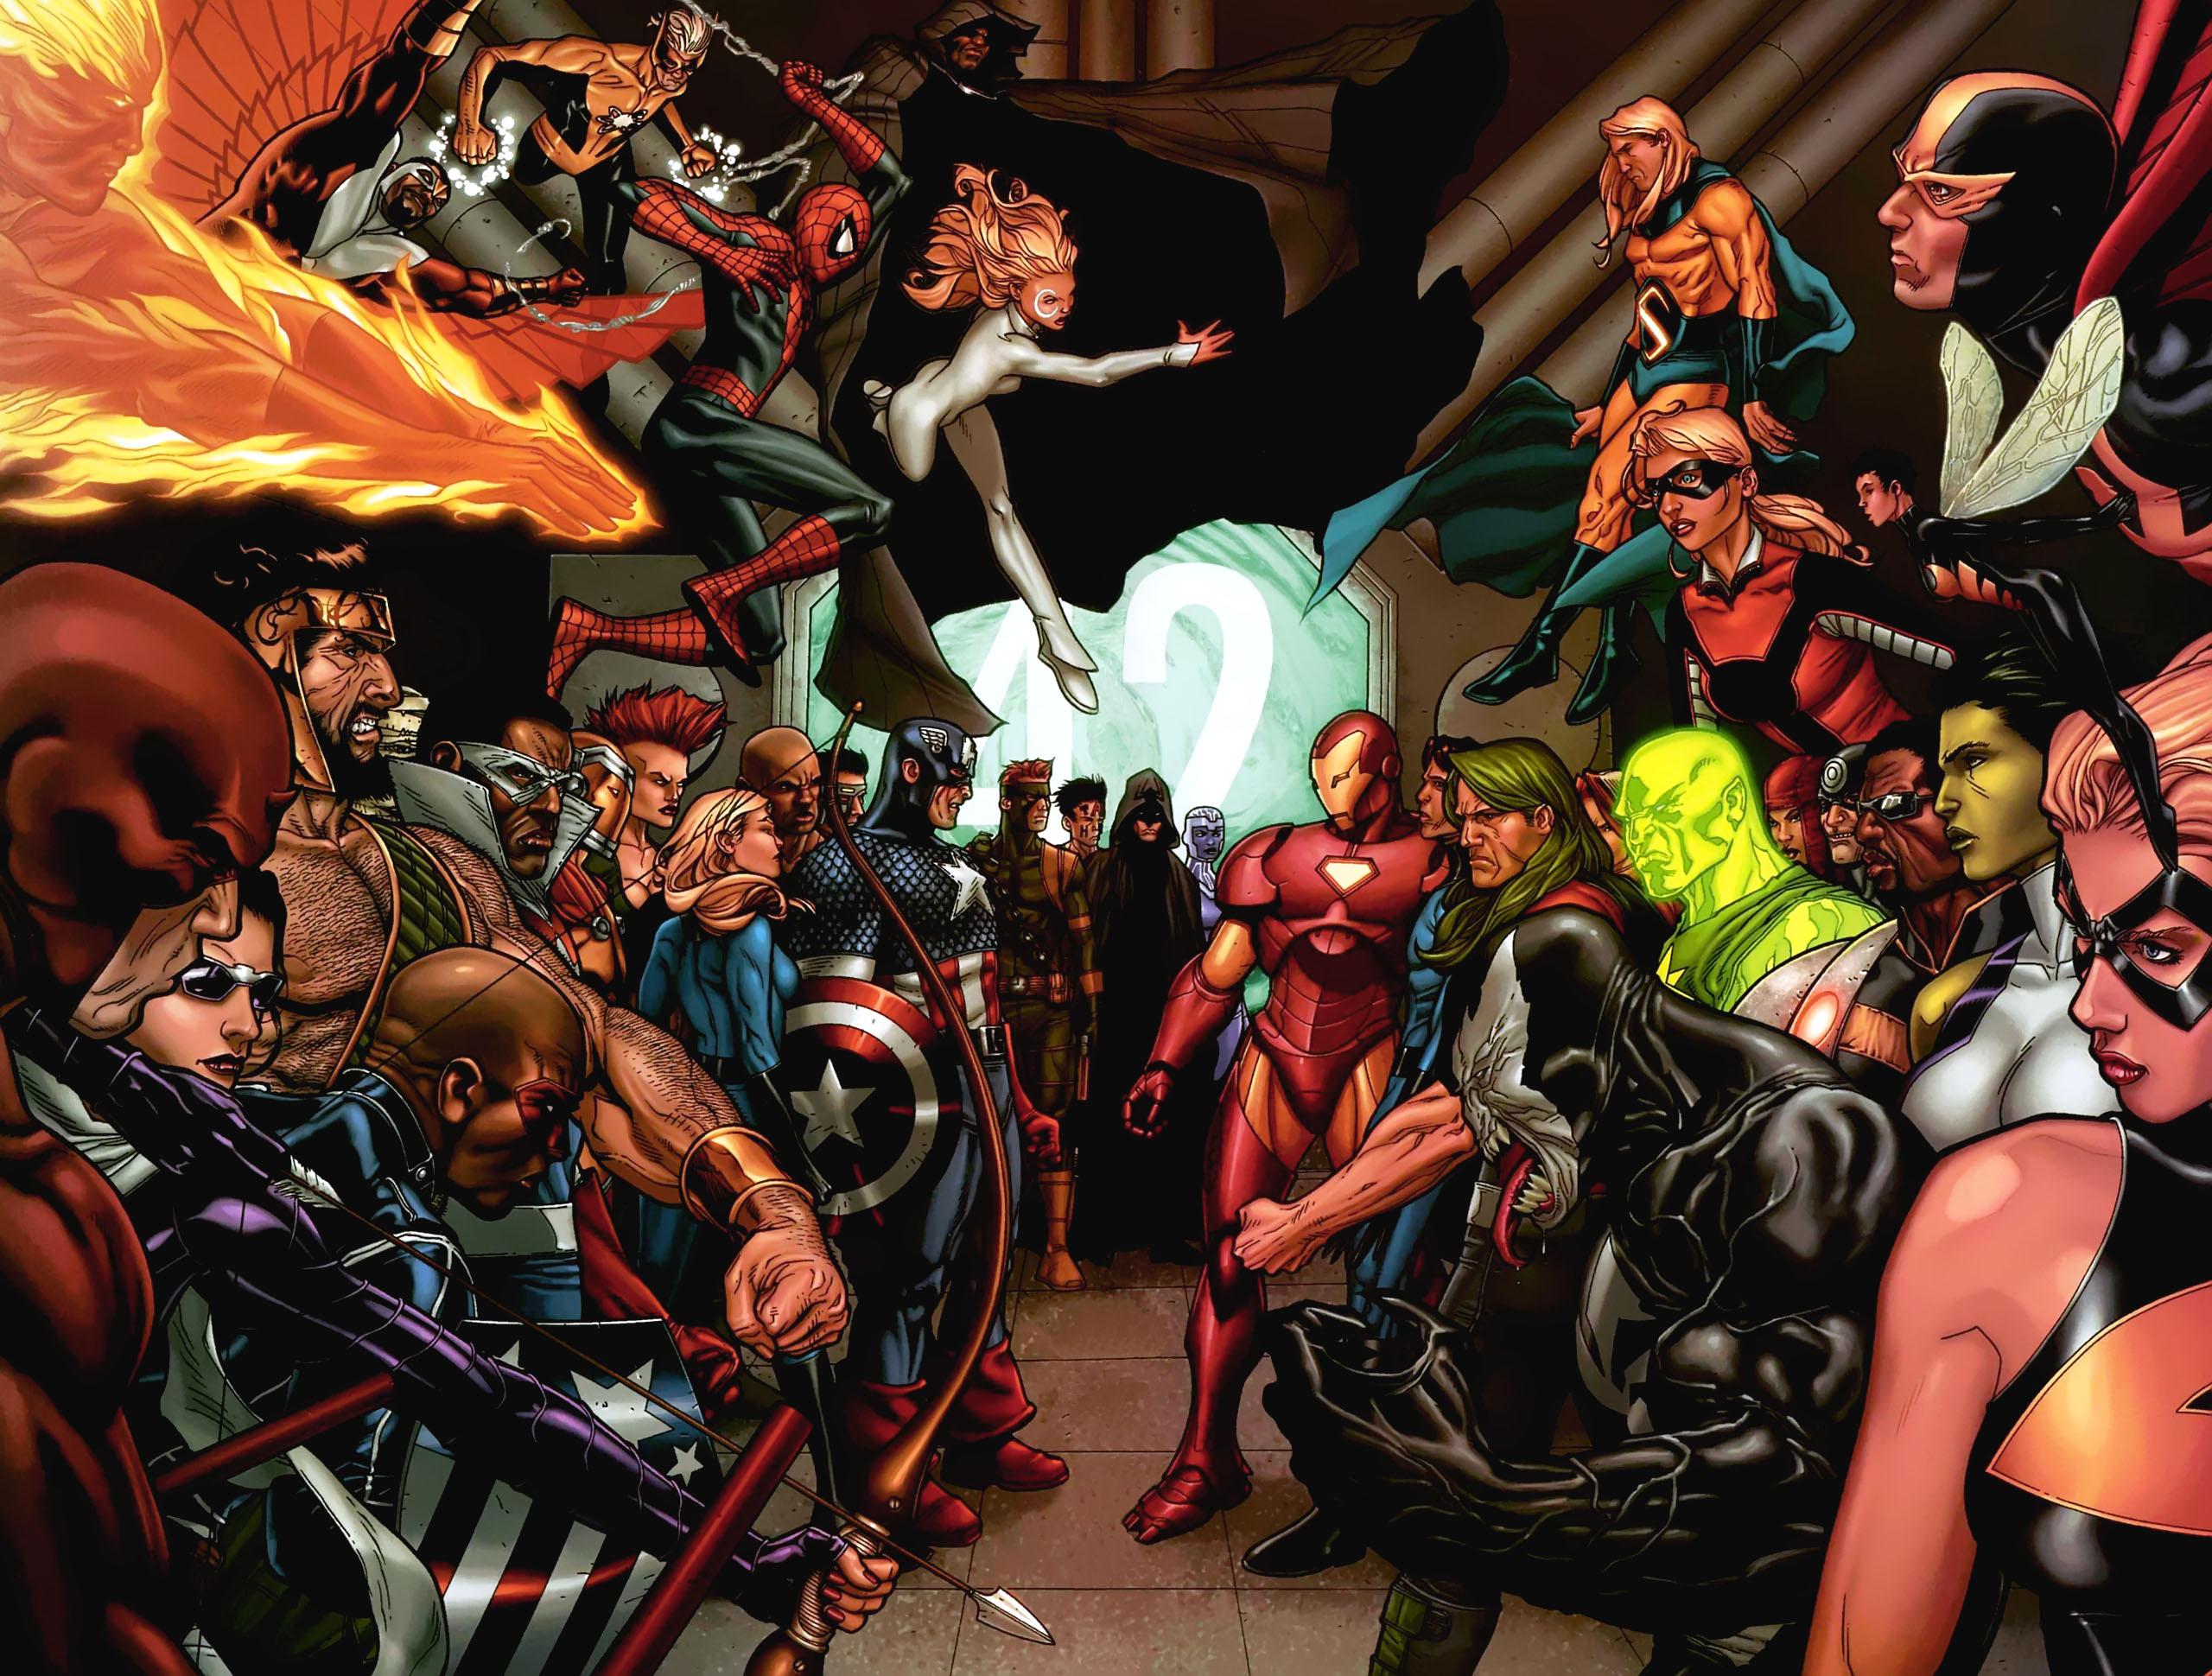 Desktop Fun Heroes of Marvel Comics Wallpaper Collection 2560x1940